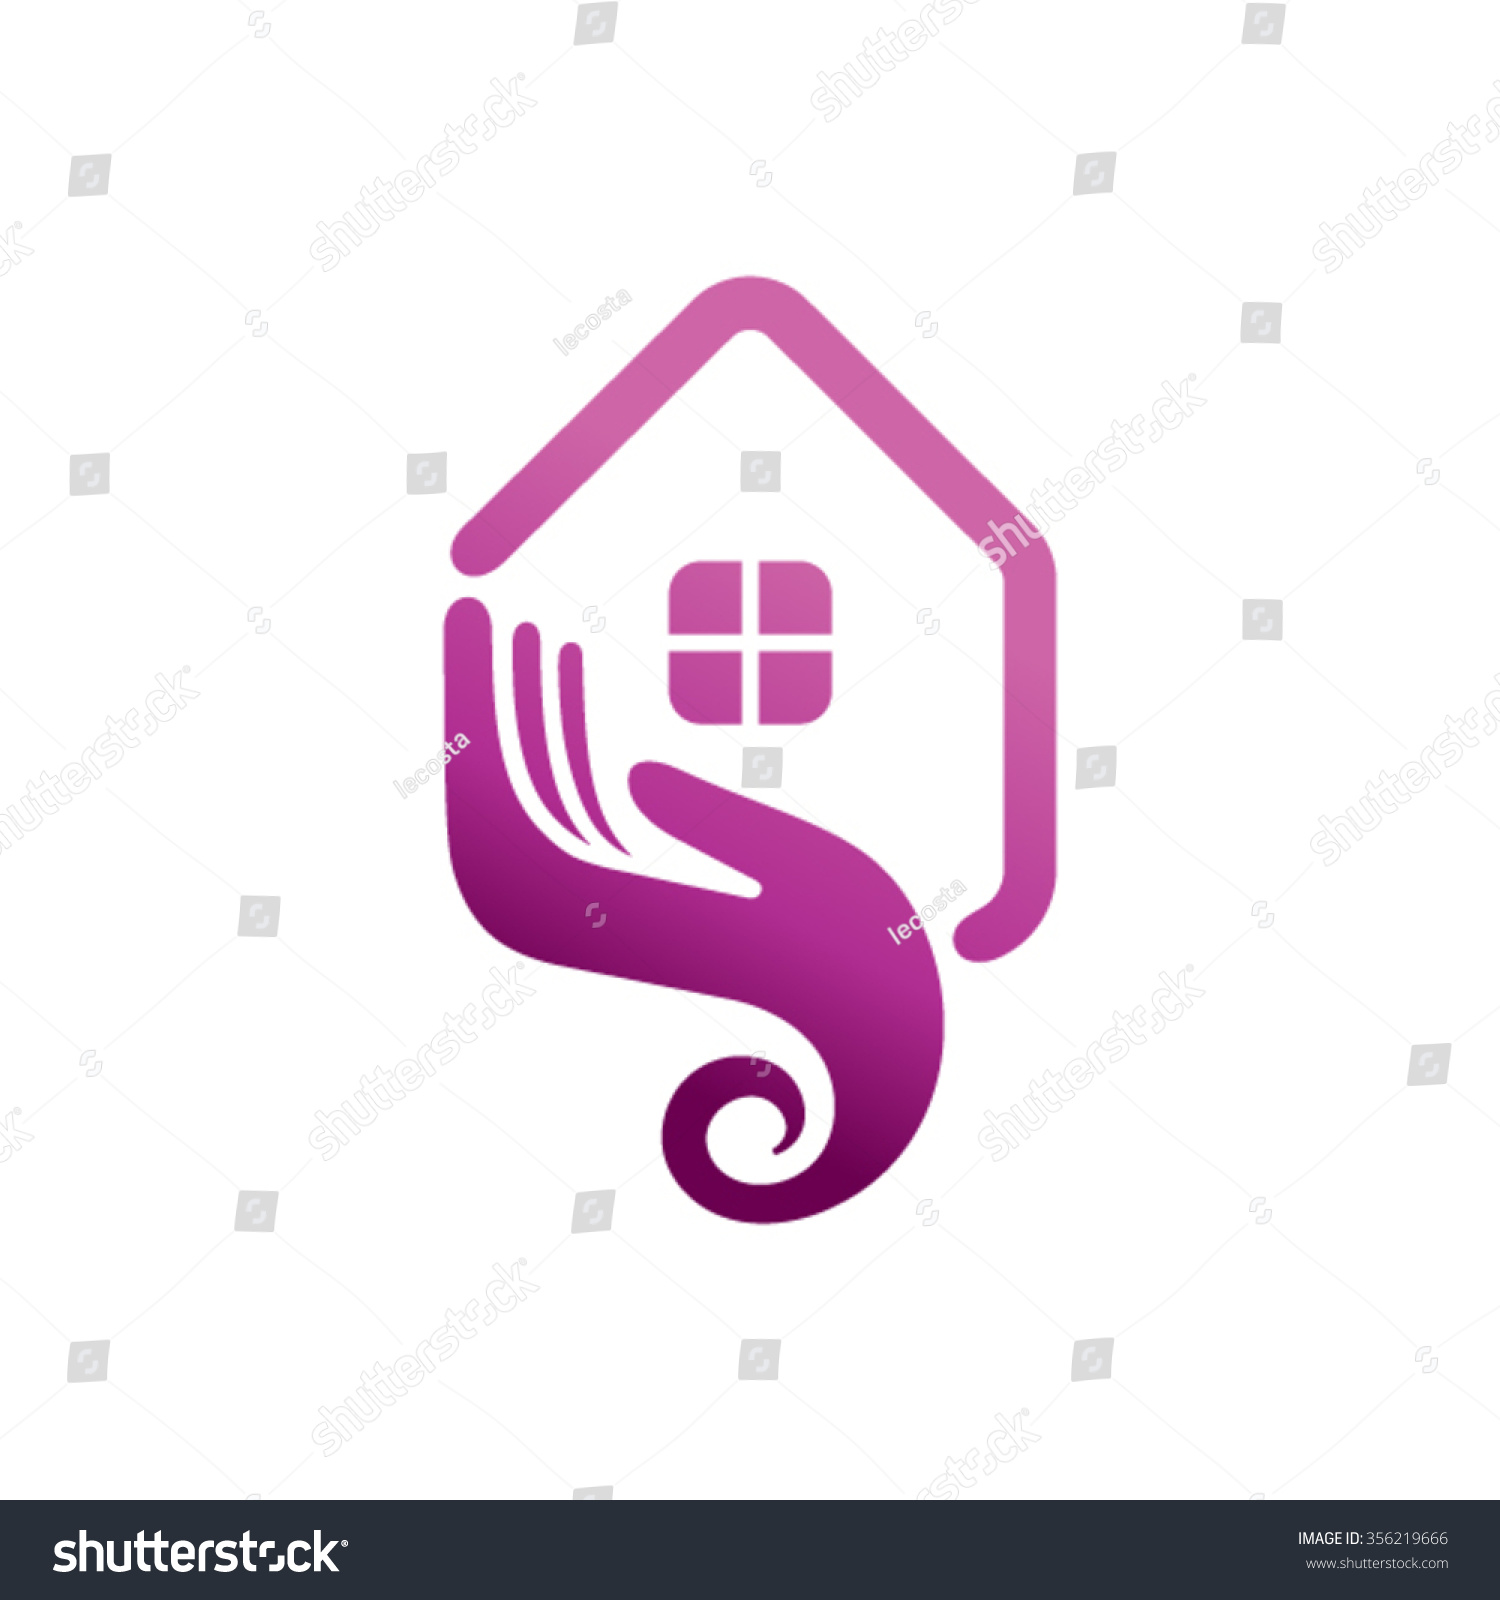 Home care logo design stock vector 356219666 shutterstock - Home health care logo design ...